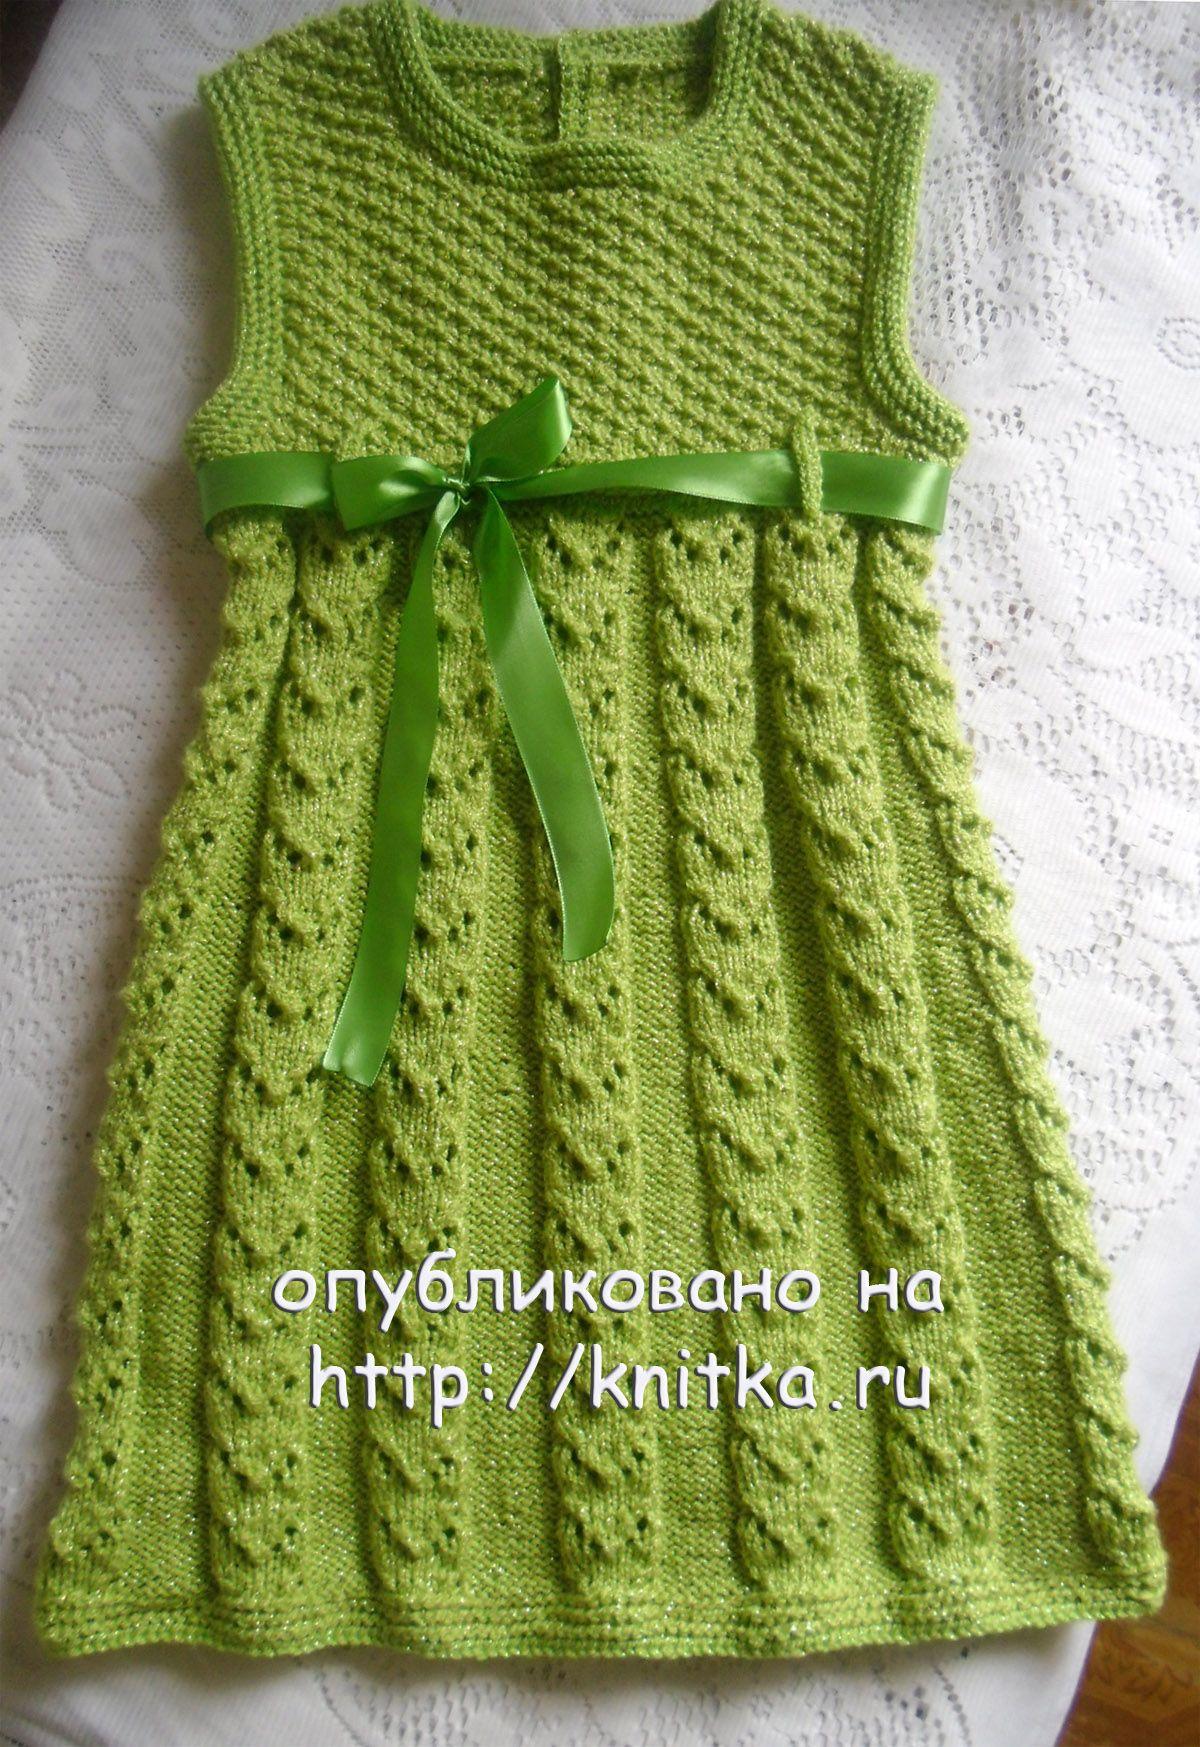 Схема вязанного детского платья фото 625